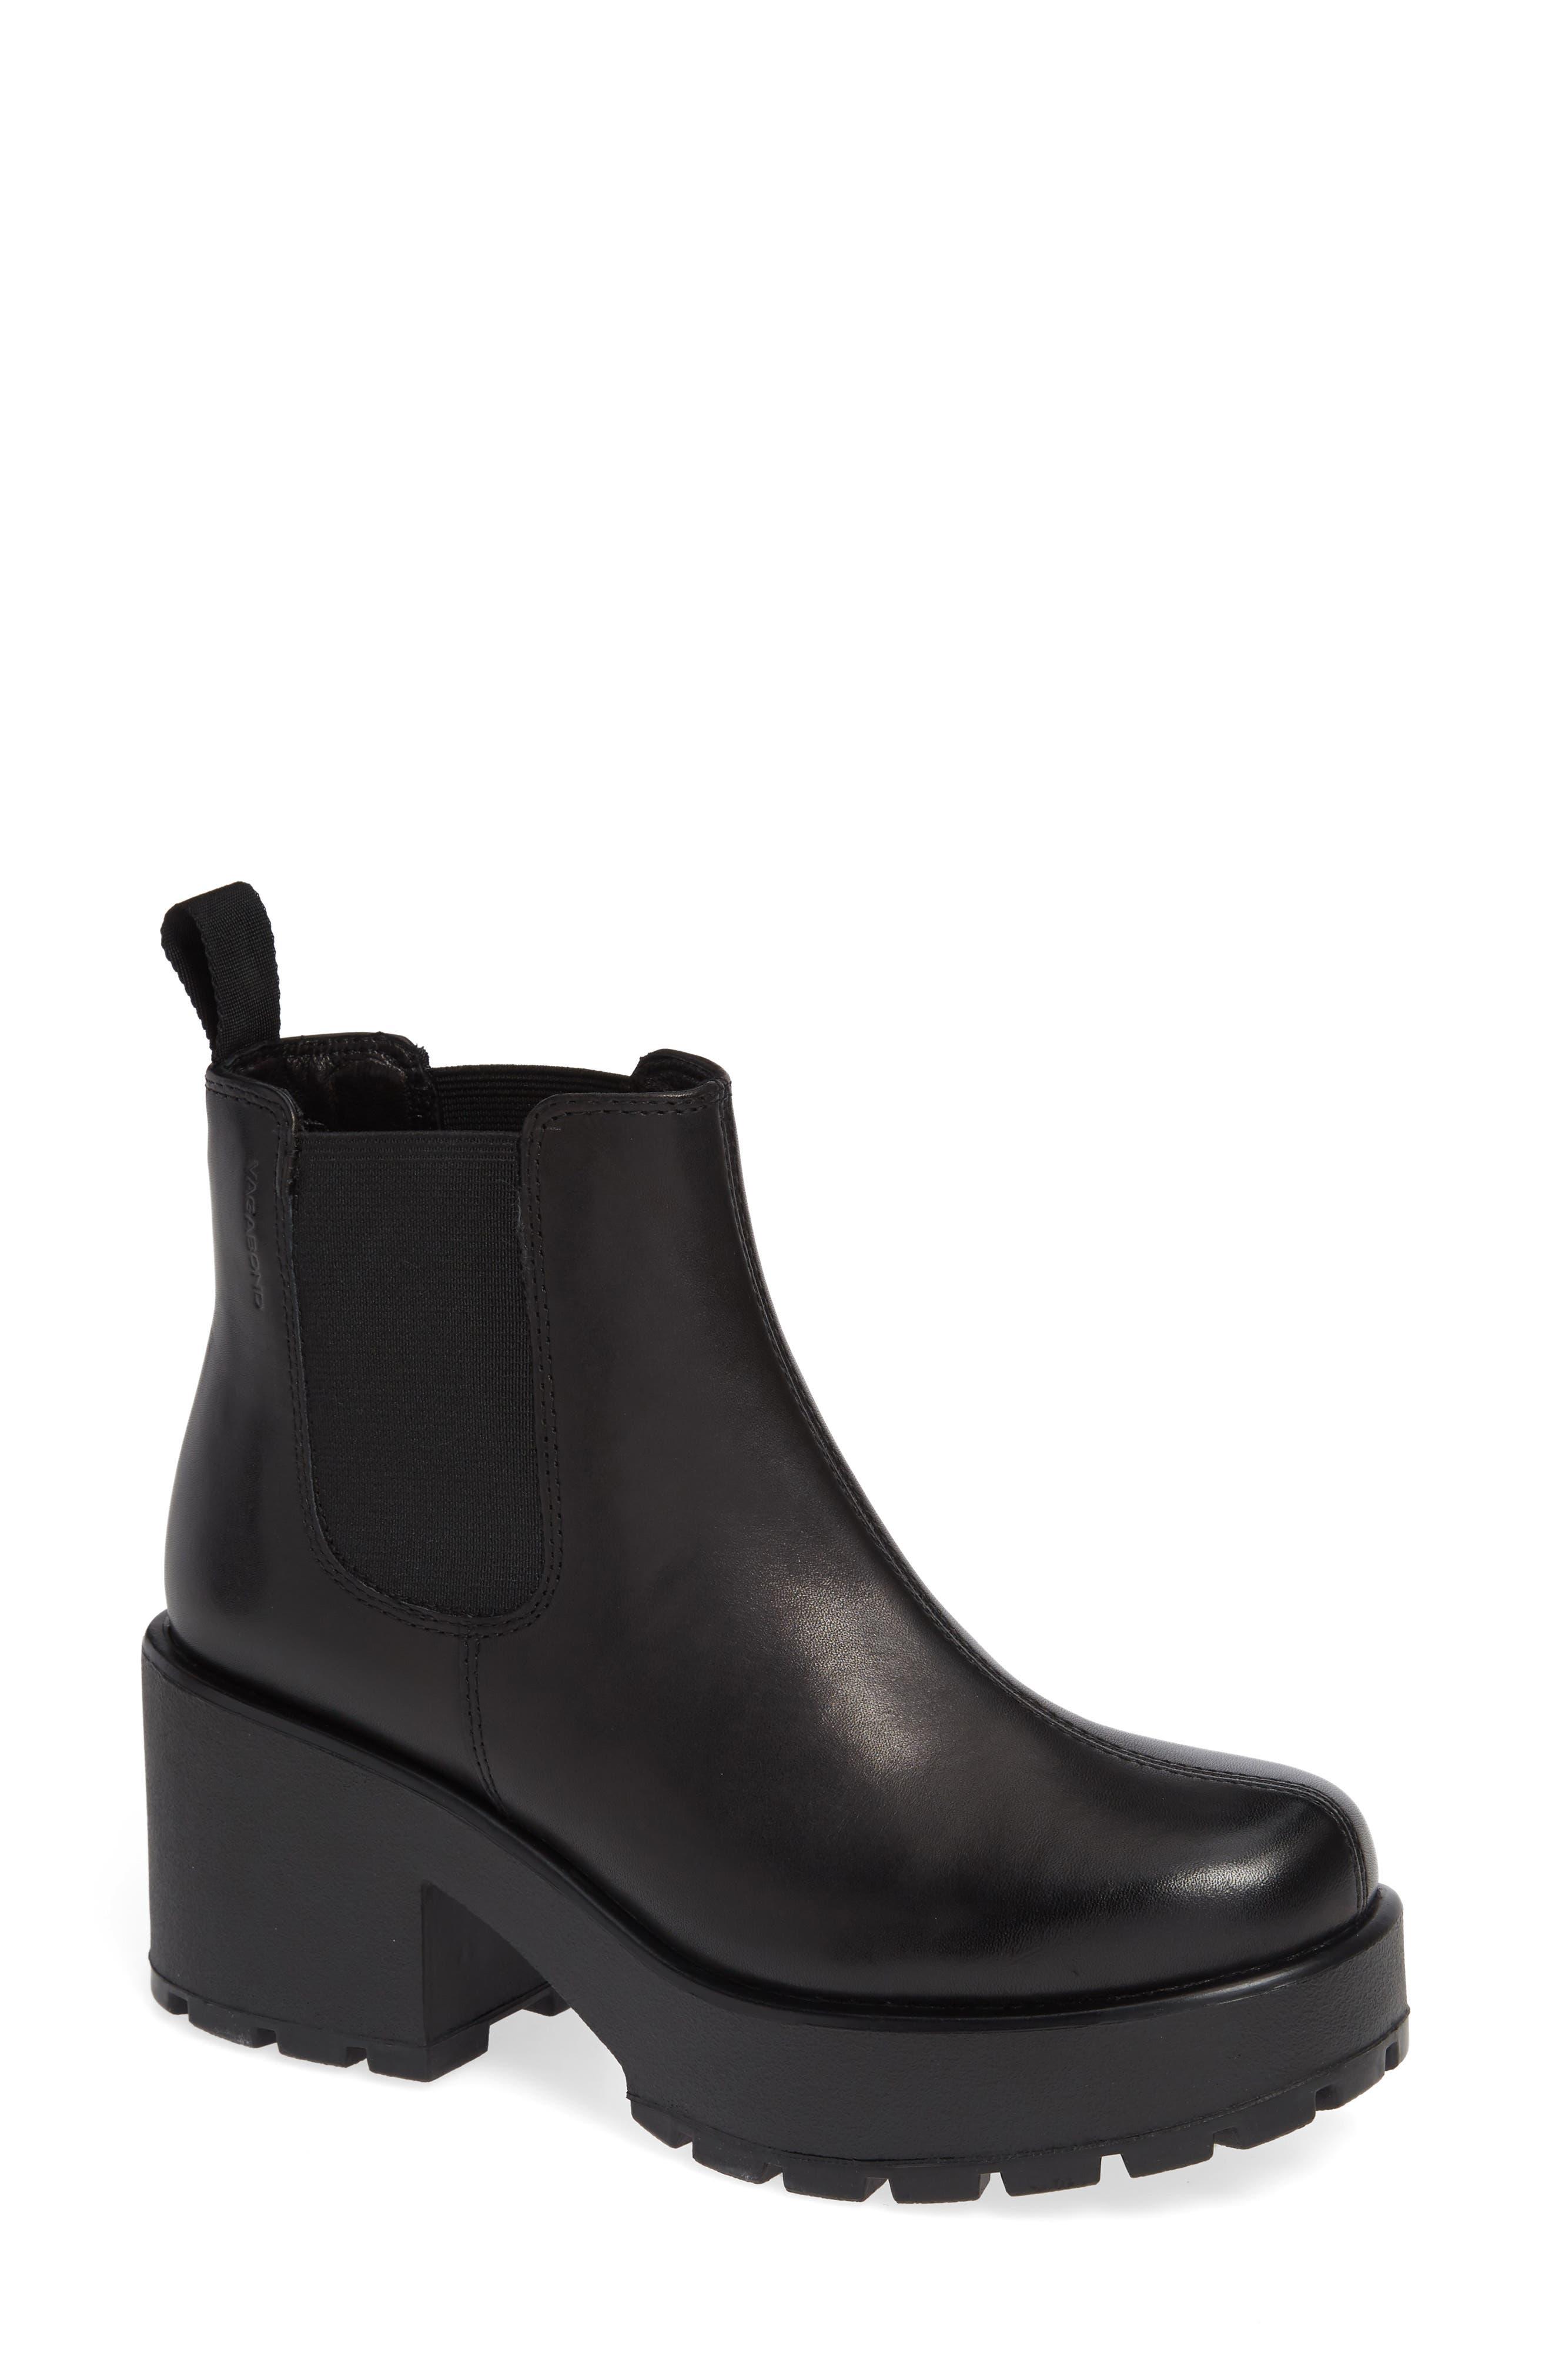 VAGABOND Shoemakers Dioon Platform Chelsea Bootie, Main, color, BLACK LEATHER